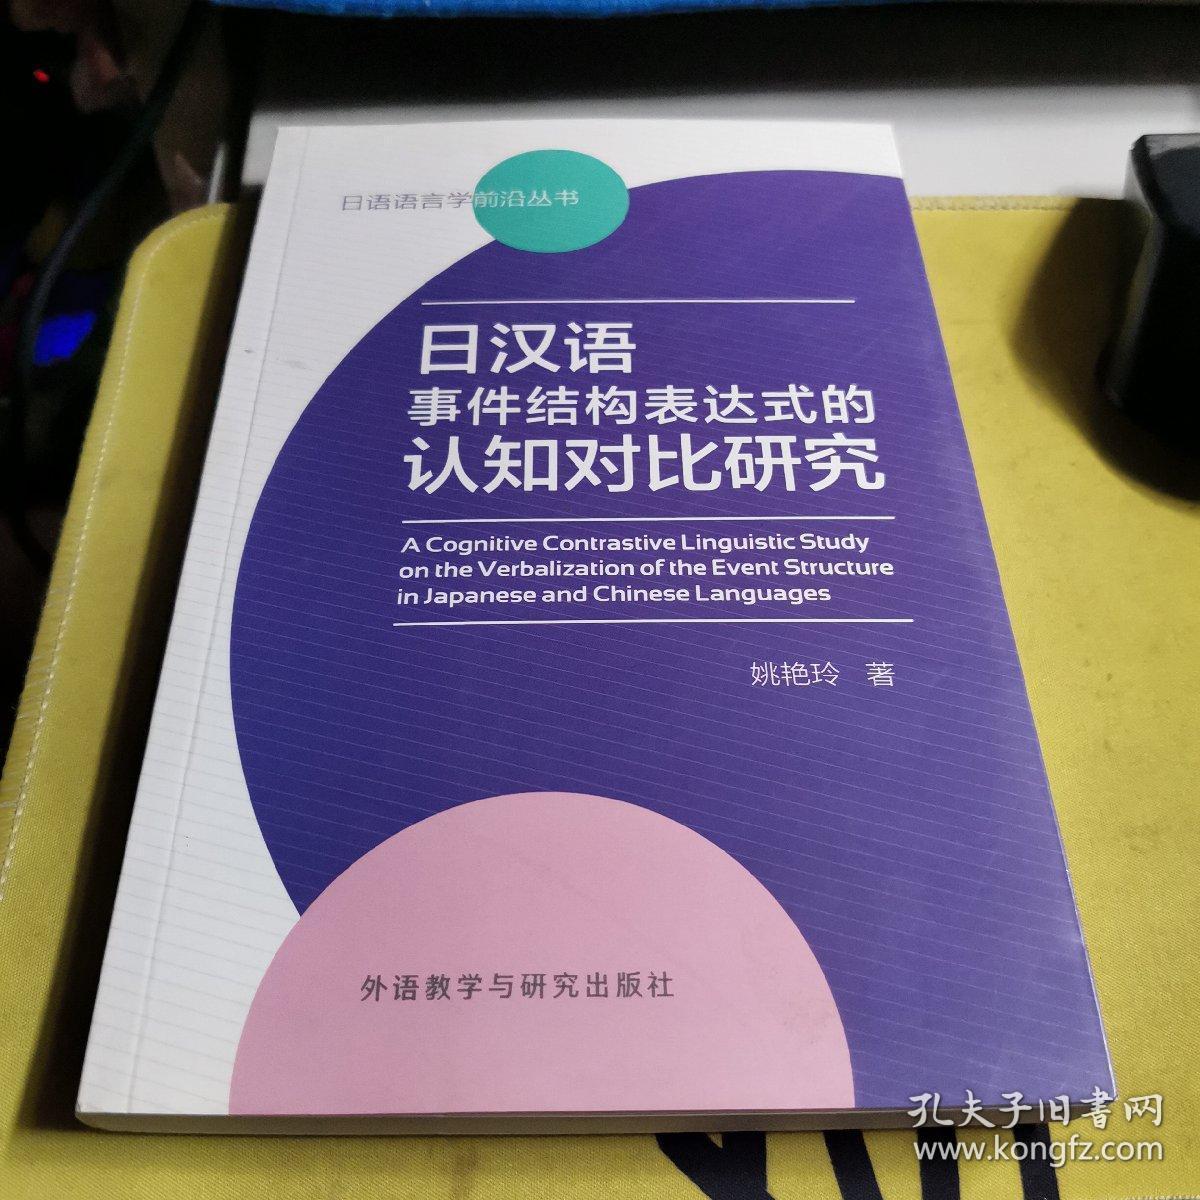 日汉语事件结构表达式的认知对比研究